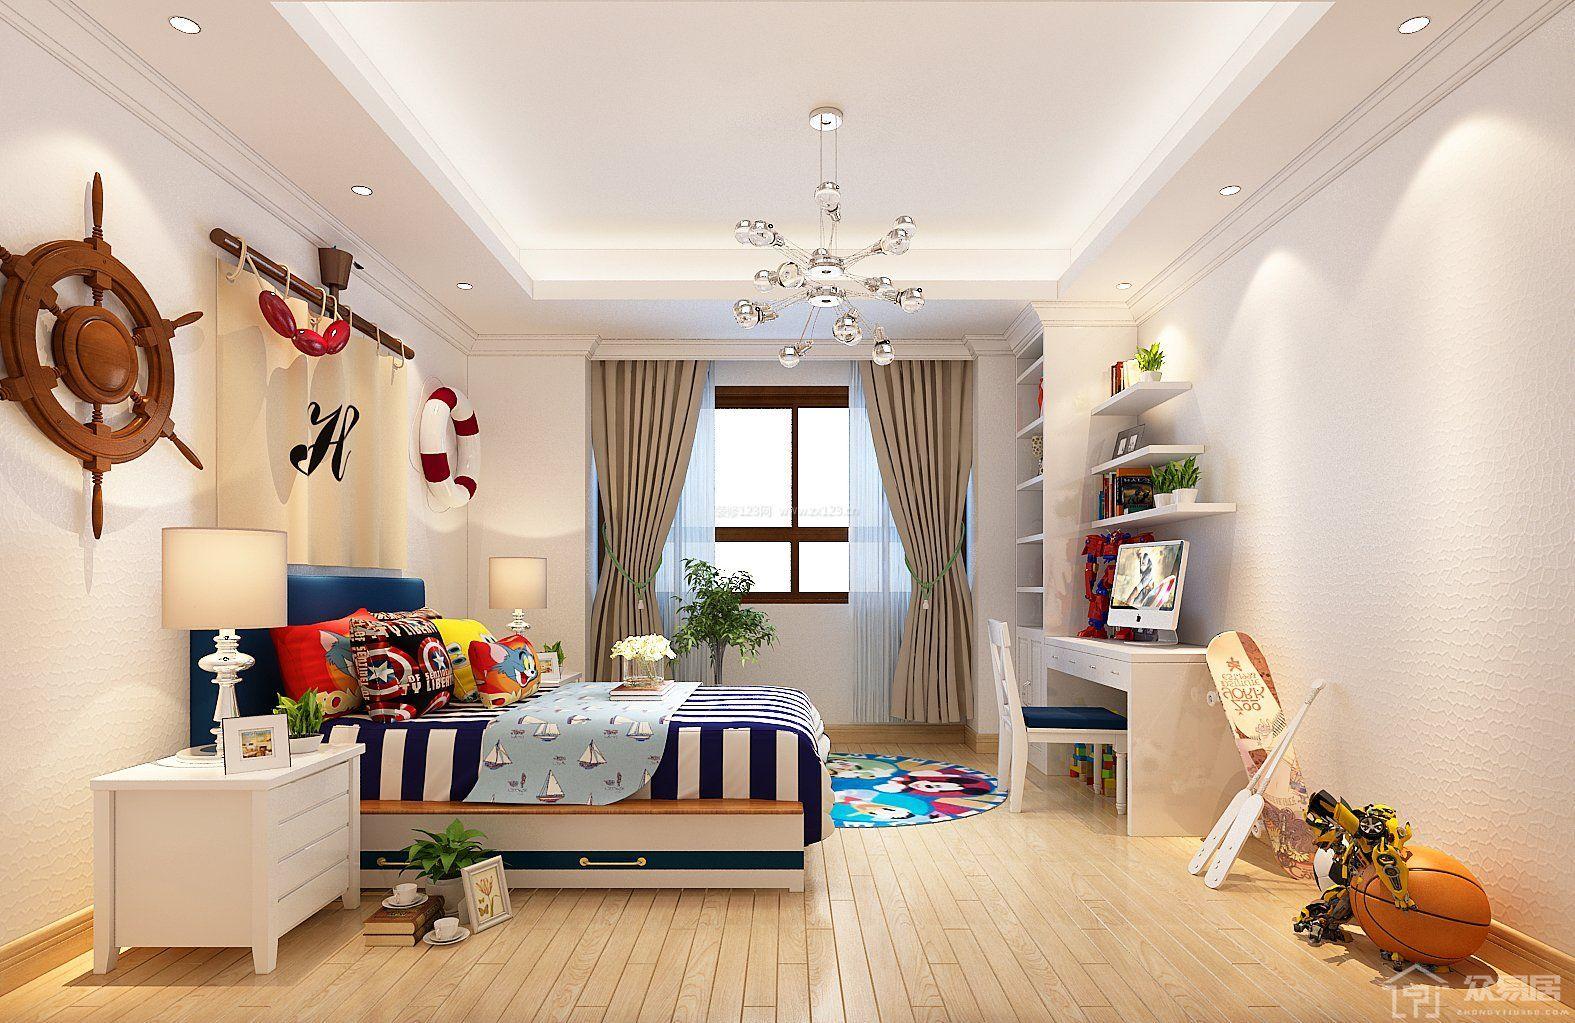 美式兒童房裝修設計 安全舒適的兒童房如何打造